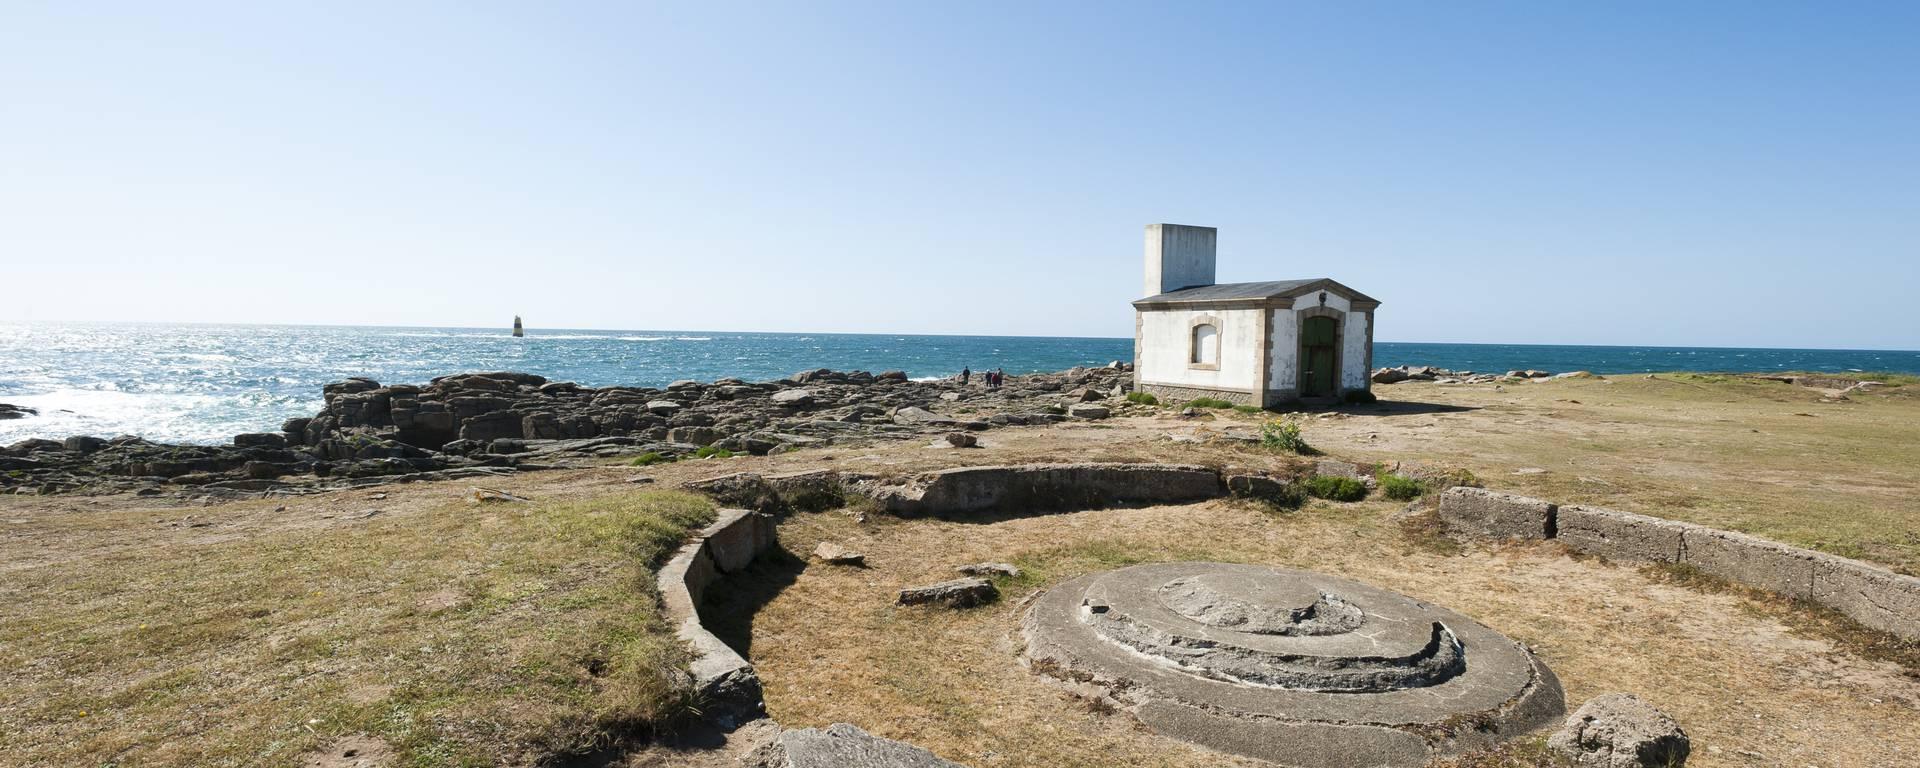 La corne de brume, Pointe du But, île d'Yeu